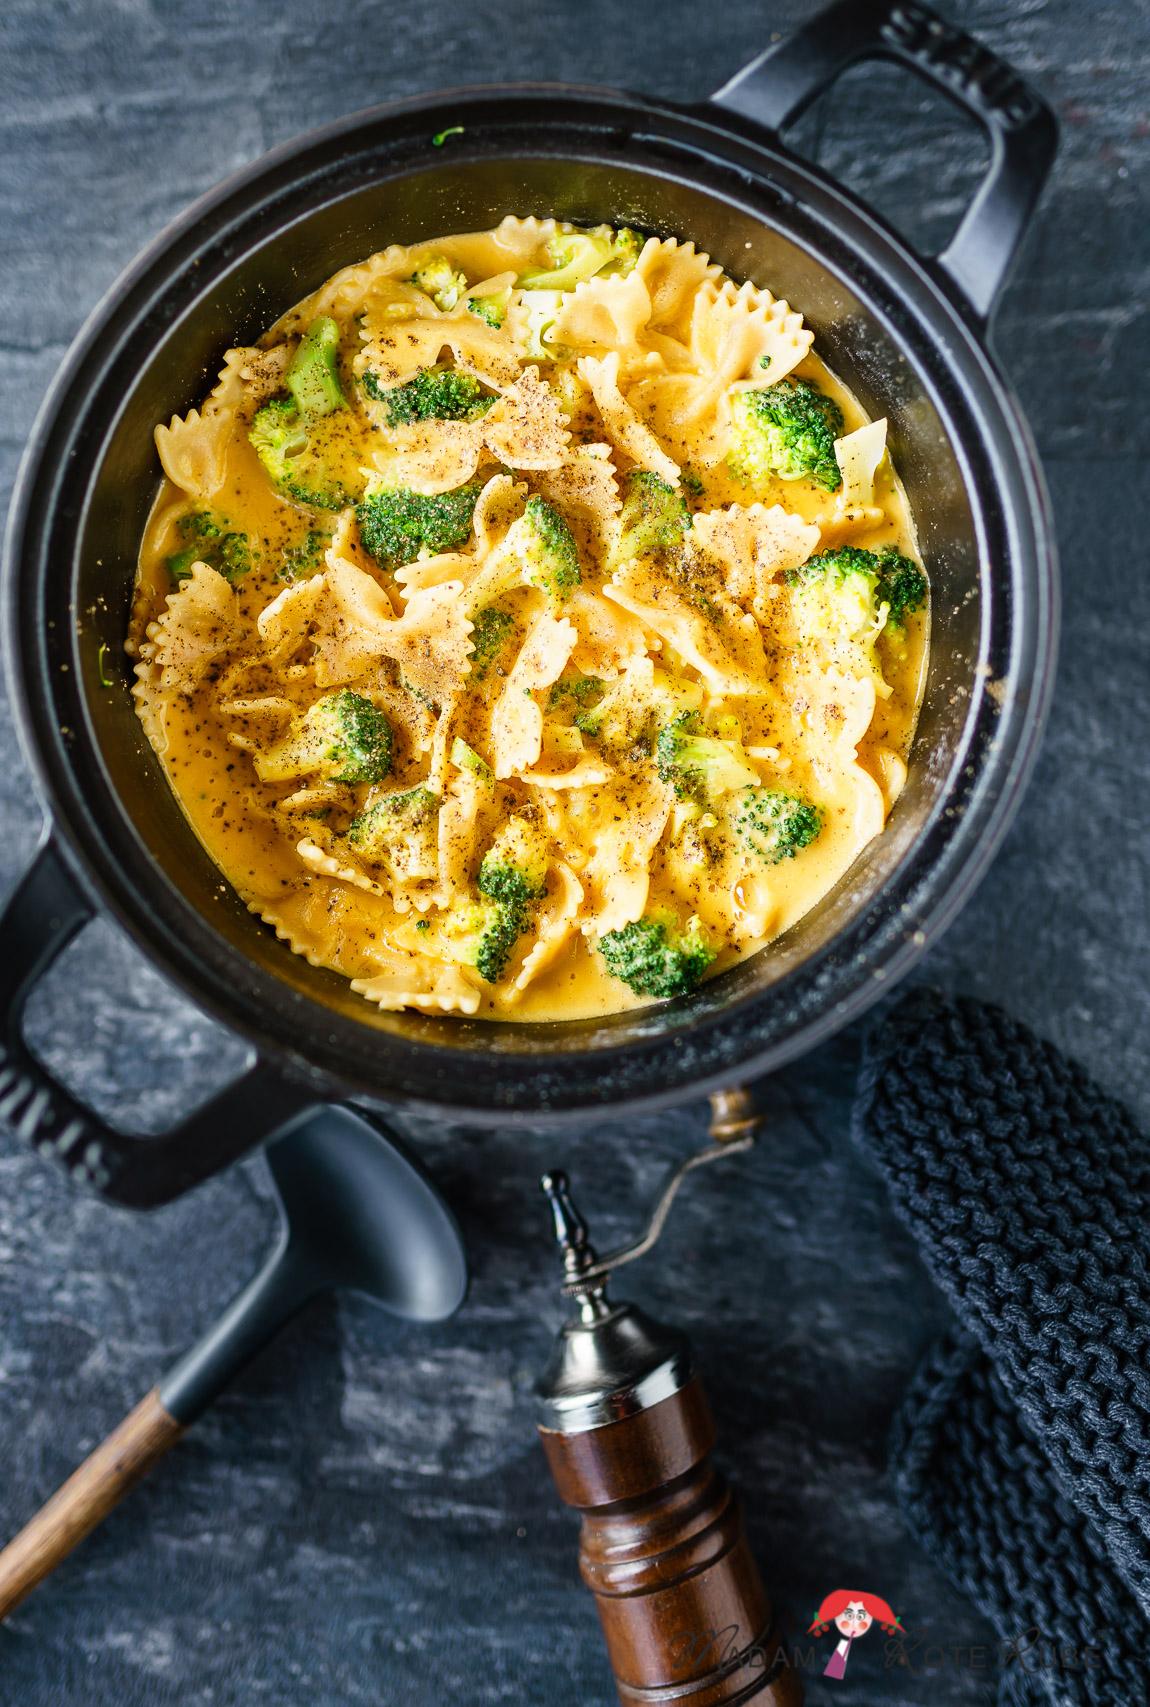 Madam Rote Rübe - Brokkoli mit Pasta in Kartoffel-Möhren-Sauce als vegane Käsesauce